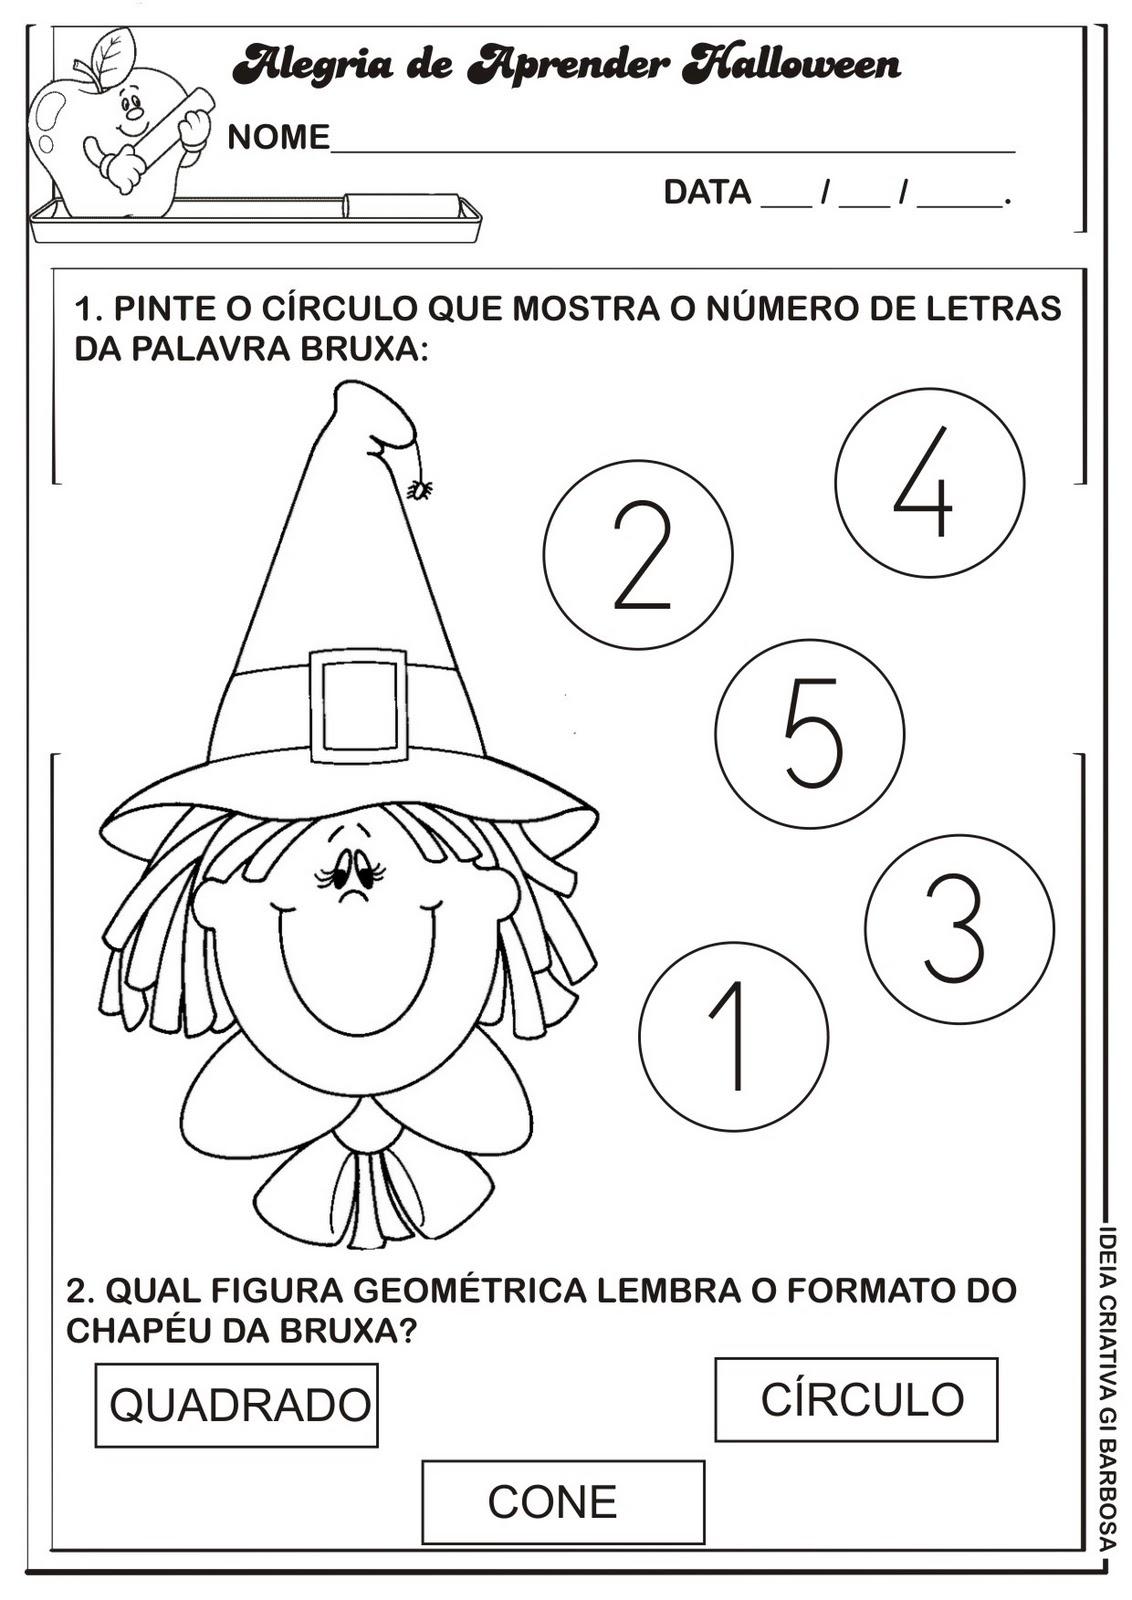 De Letras  Numerais De 0 A 5 E Figuras Geom  Tricas Dentro Da